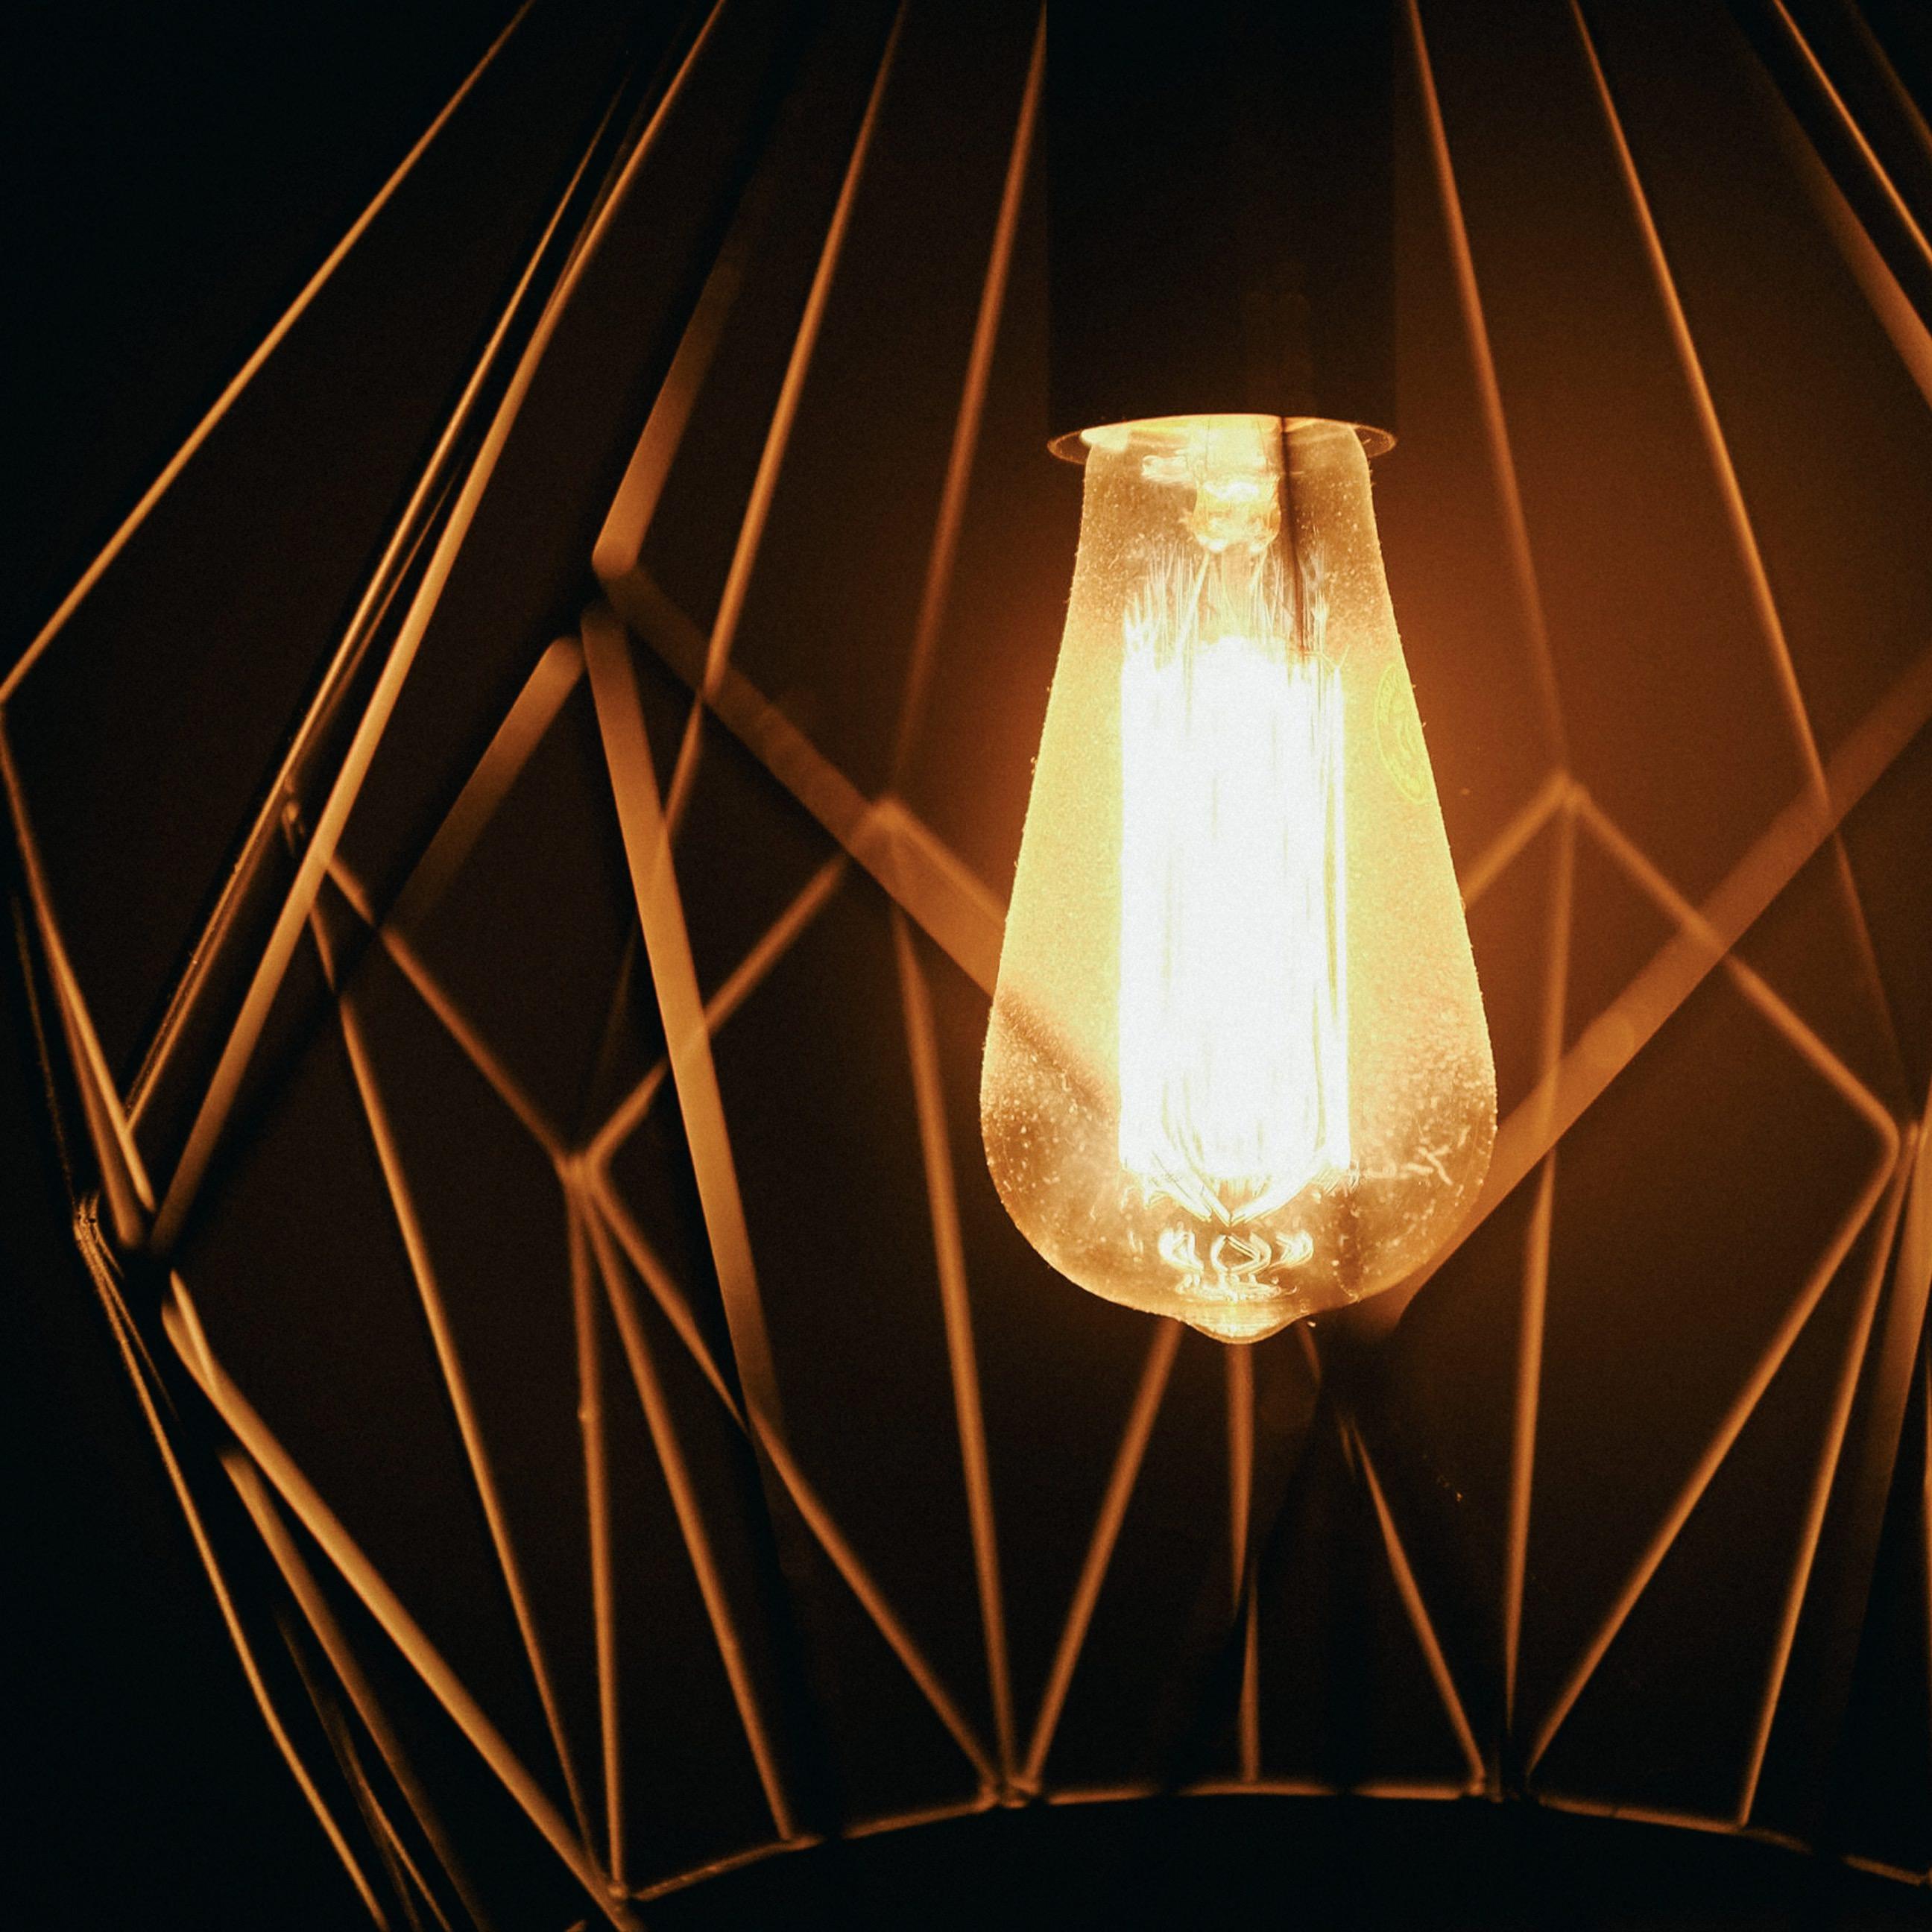 Light Bulb Wallpaper: Wallpaper.sc IPad